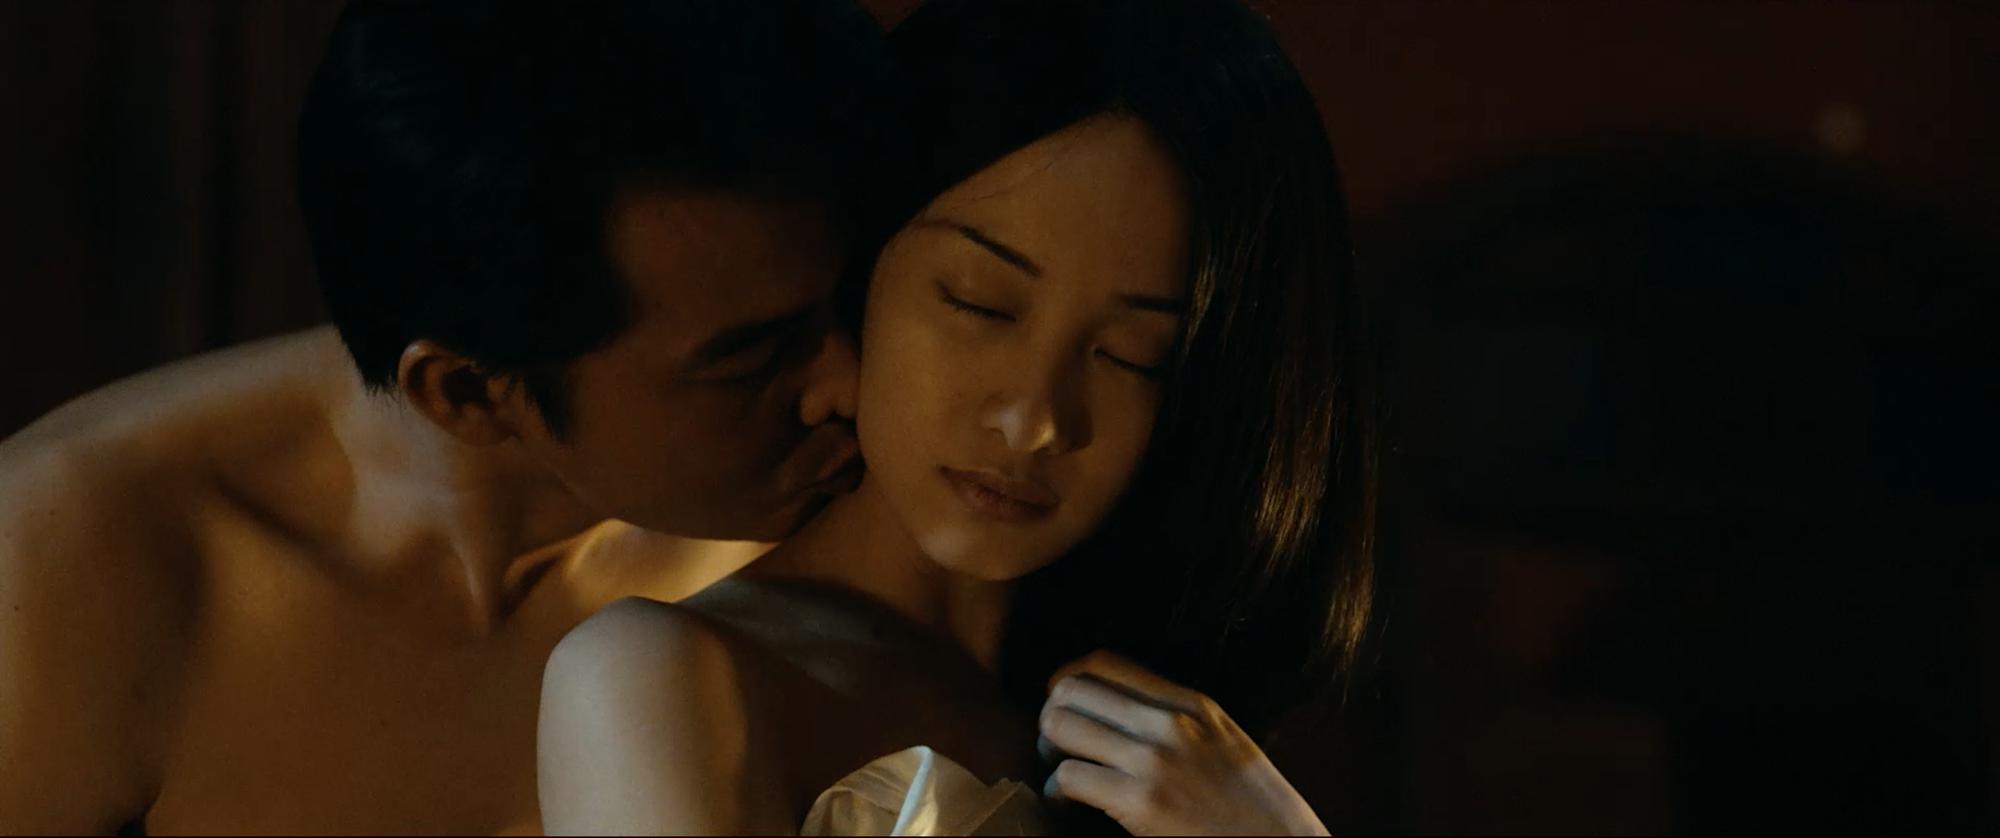 Jun Vũ trong Người Bất Tử: Tập hát ả đào và thoải mái đóng cảnh nóng - Ảnh 12.